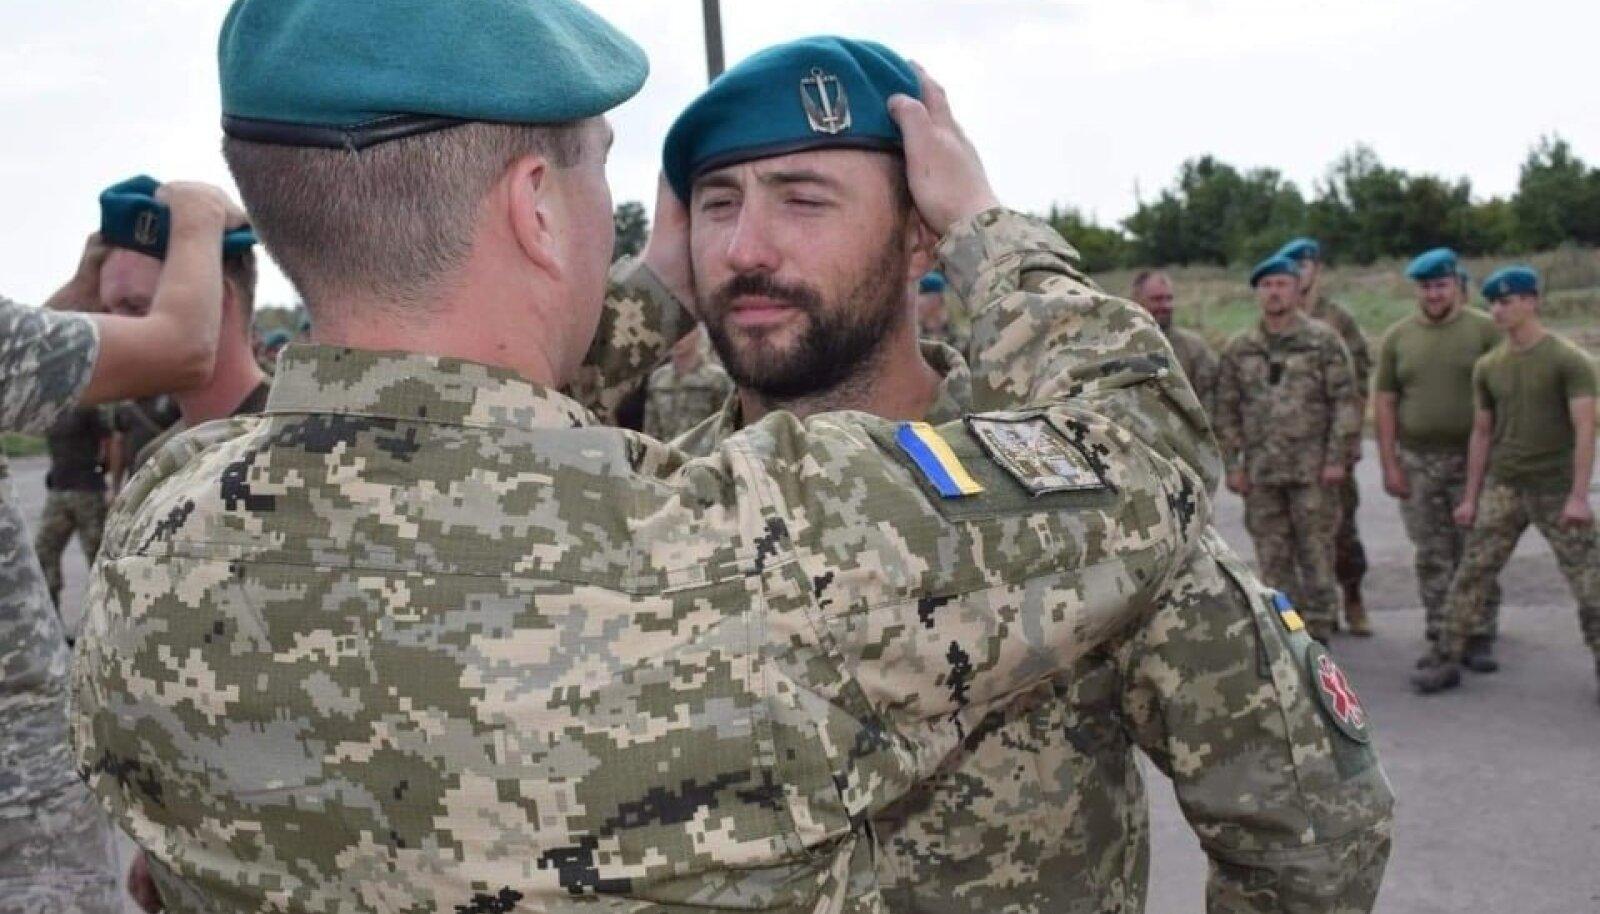 Nikolai Iljin